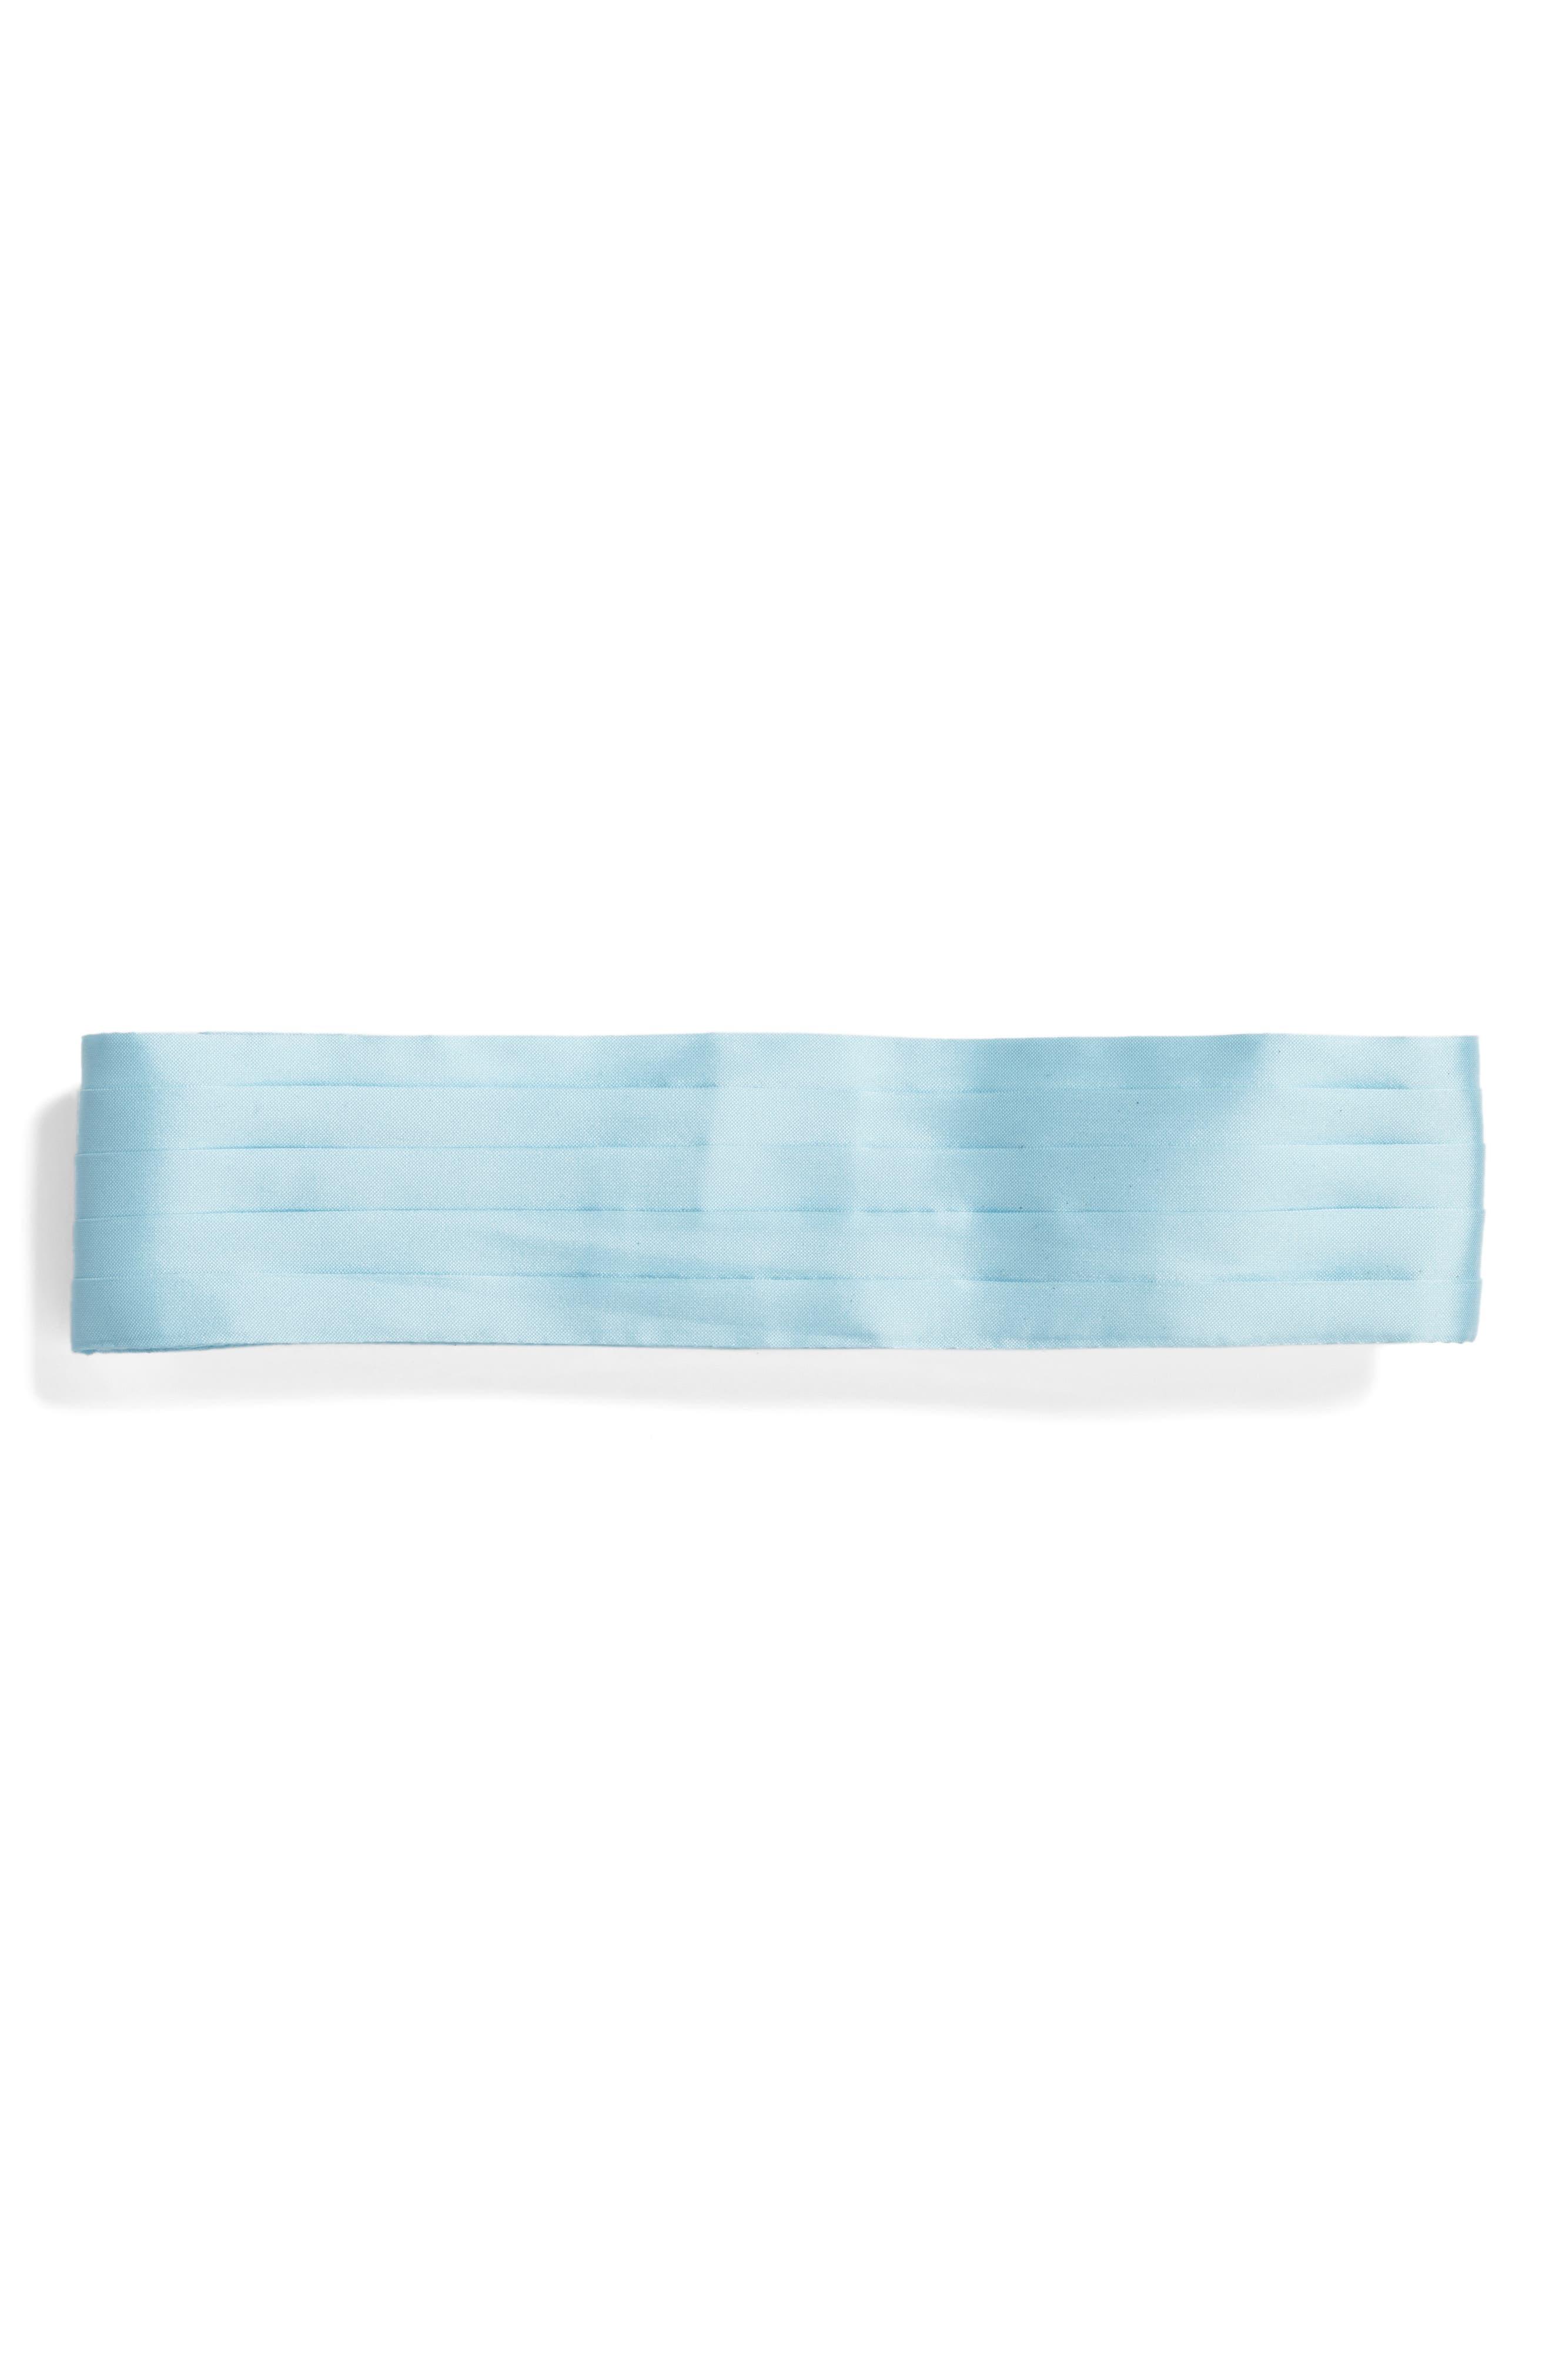 Sebastian Cummerbund Pintuck Belt,                             Main thumbnail 1, color,                             Light Blue